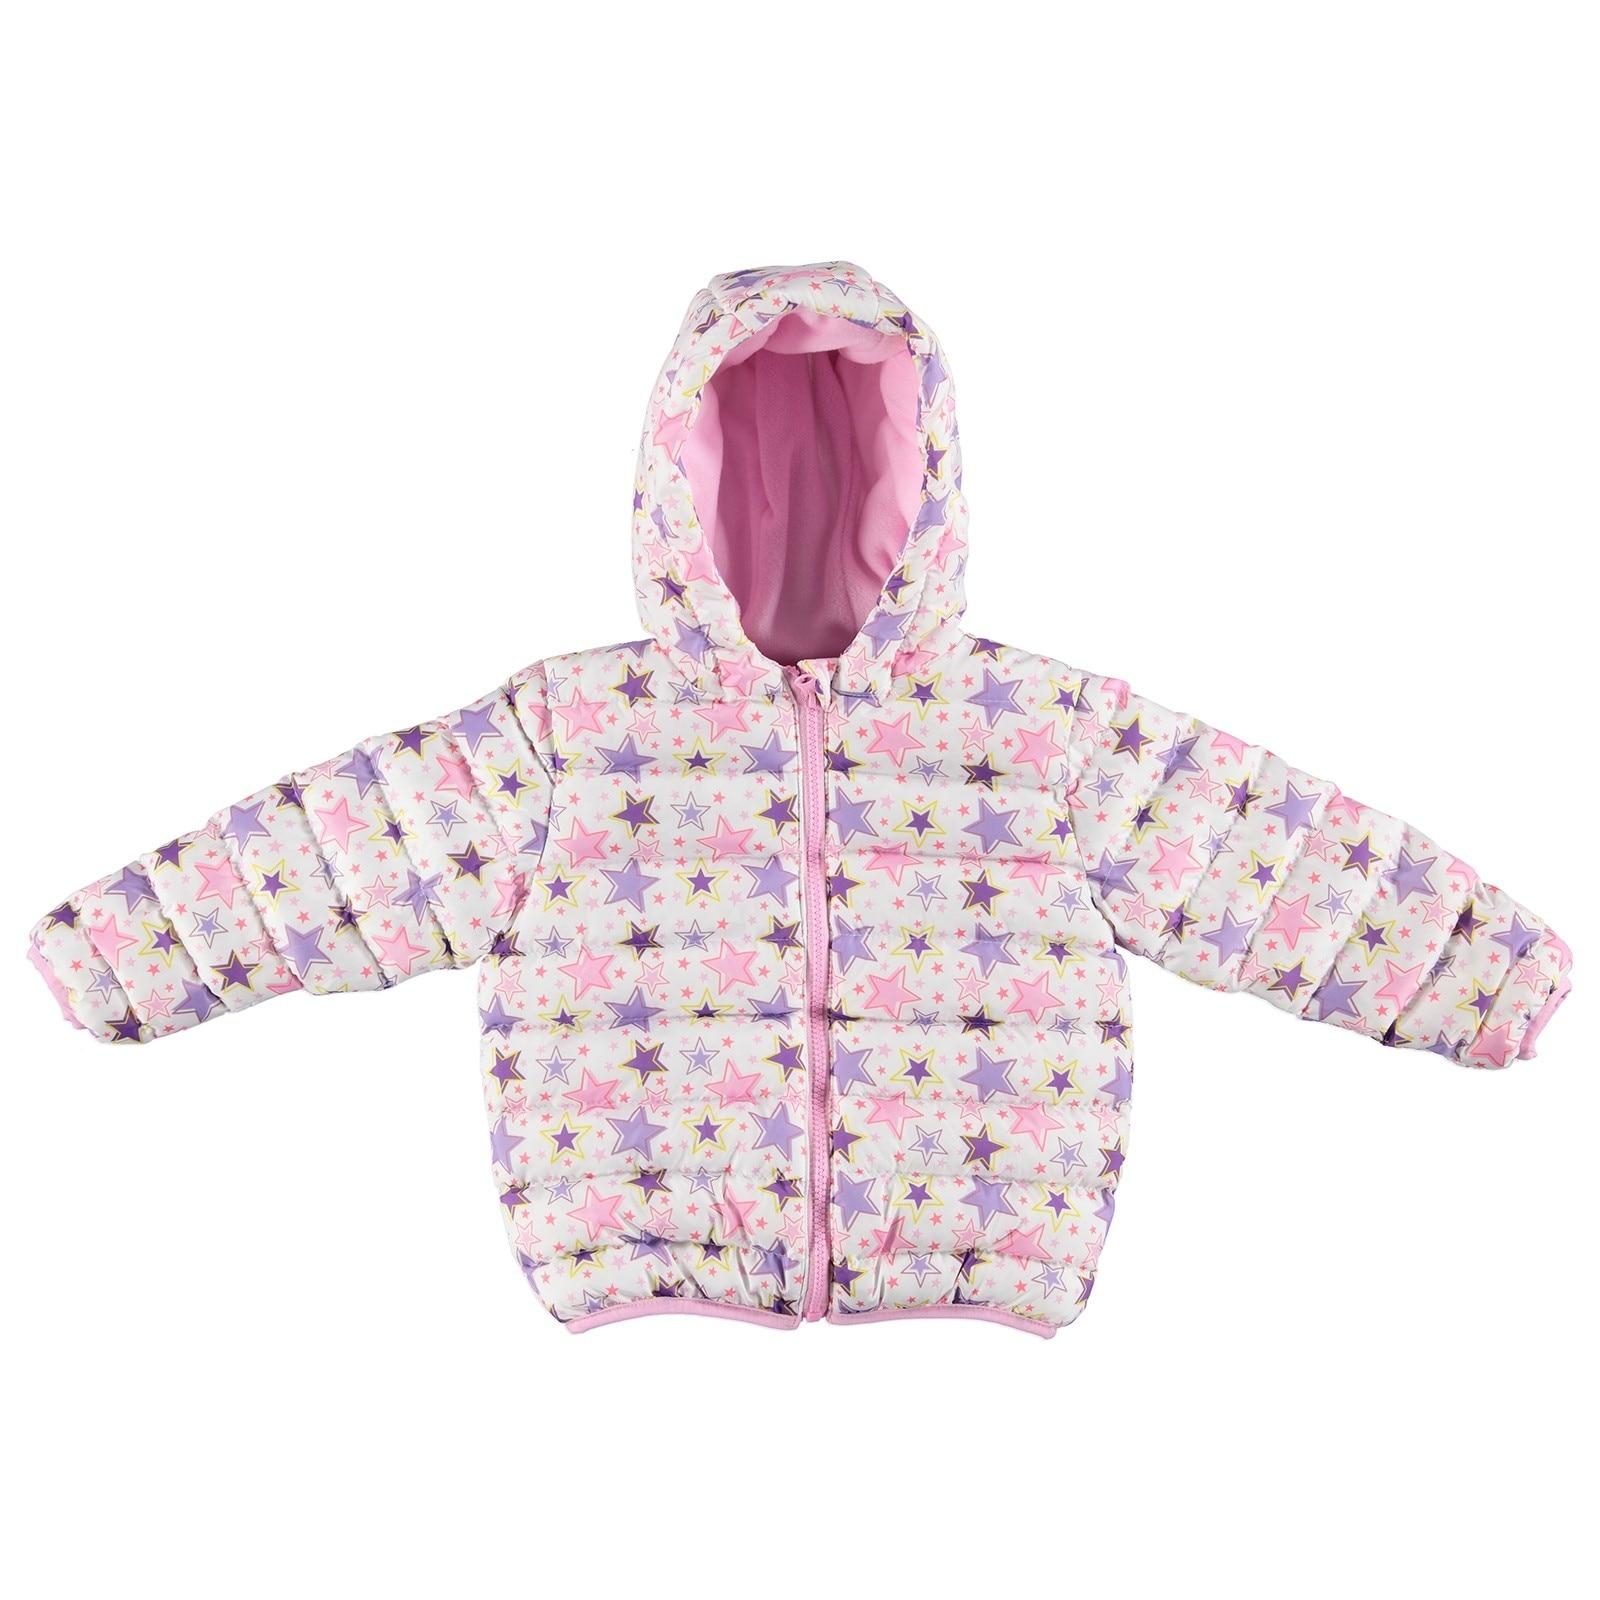 Ebebek HelloBaby Winter Star Printed Baby Hoodie Zippered Coat